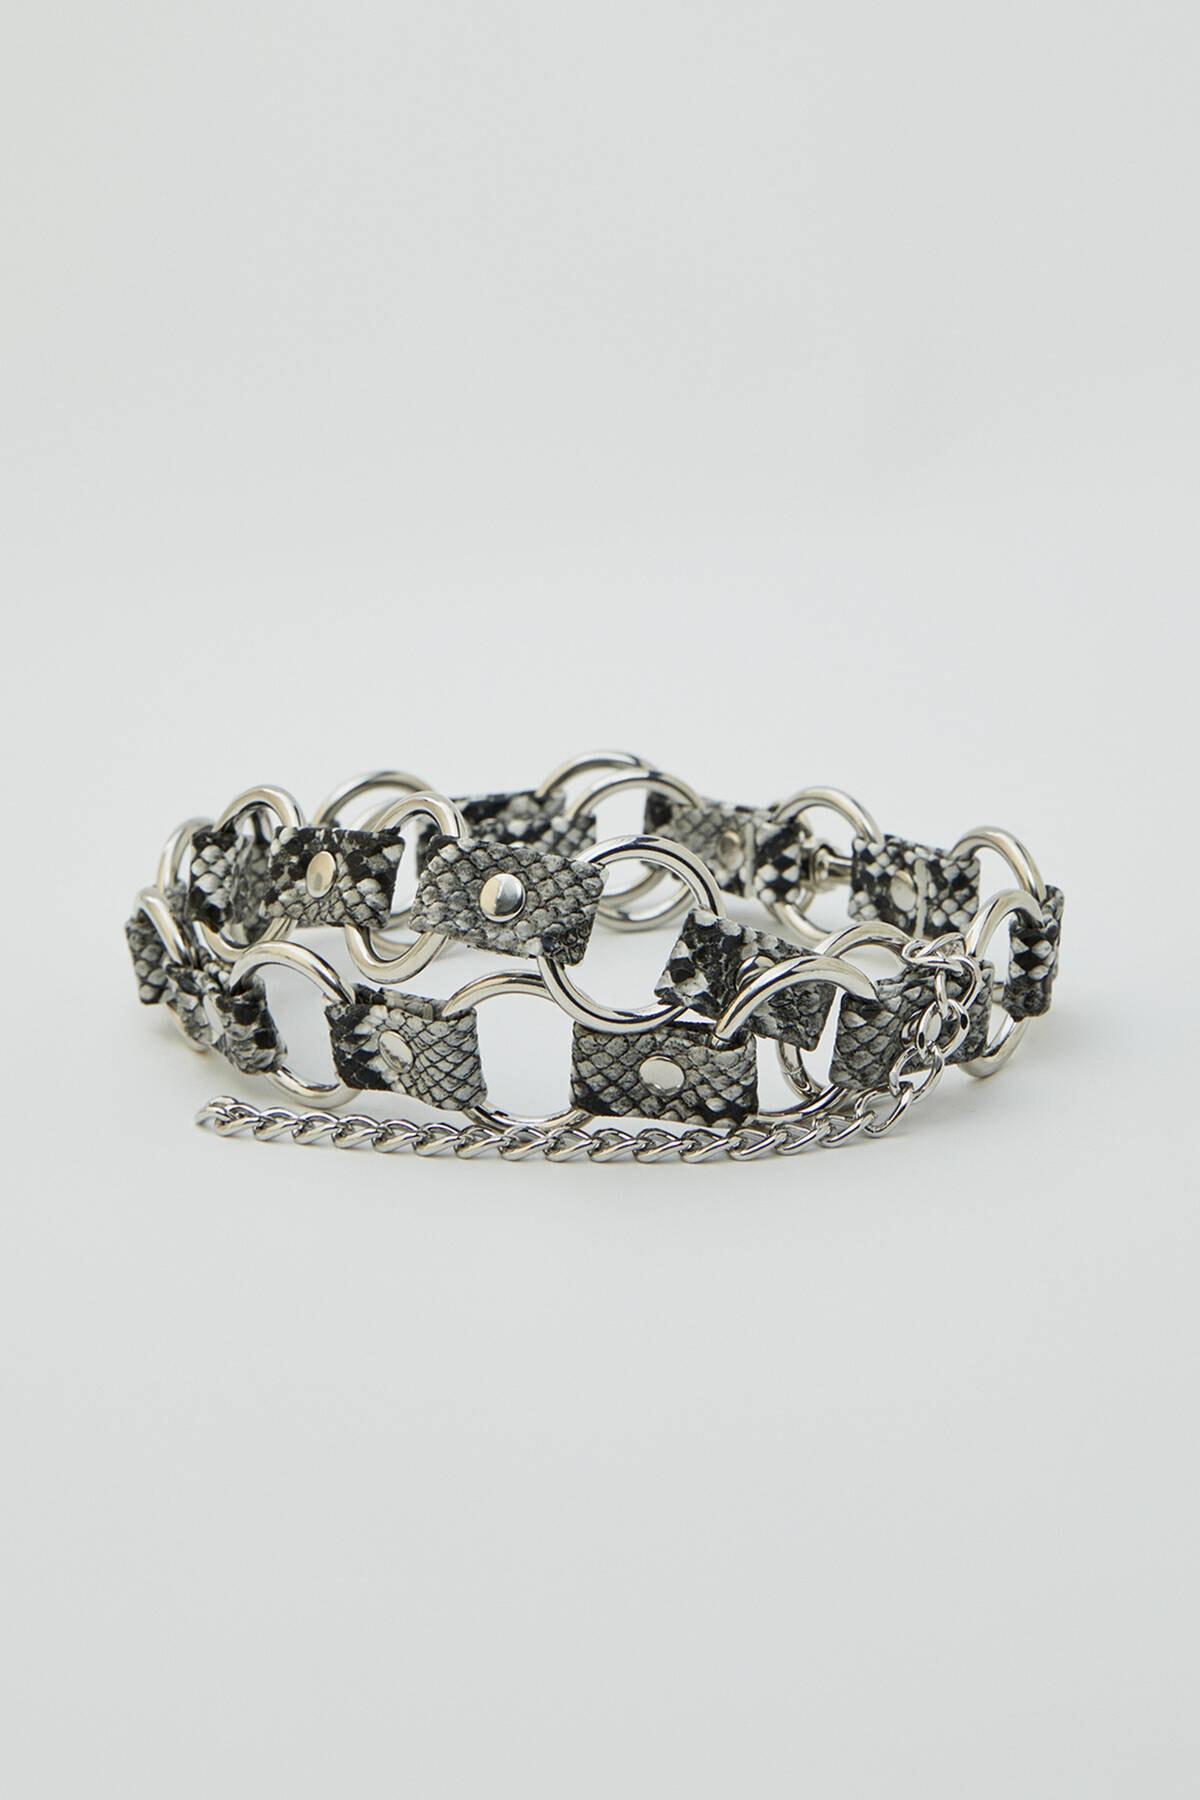 Pull & Bear Kadın Gümüş Gümüş Rengi Zincirli Kemer 09874314